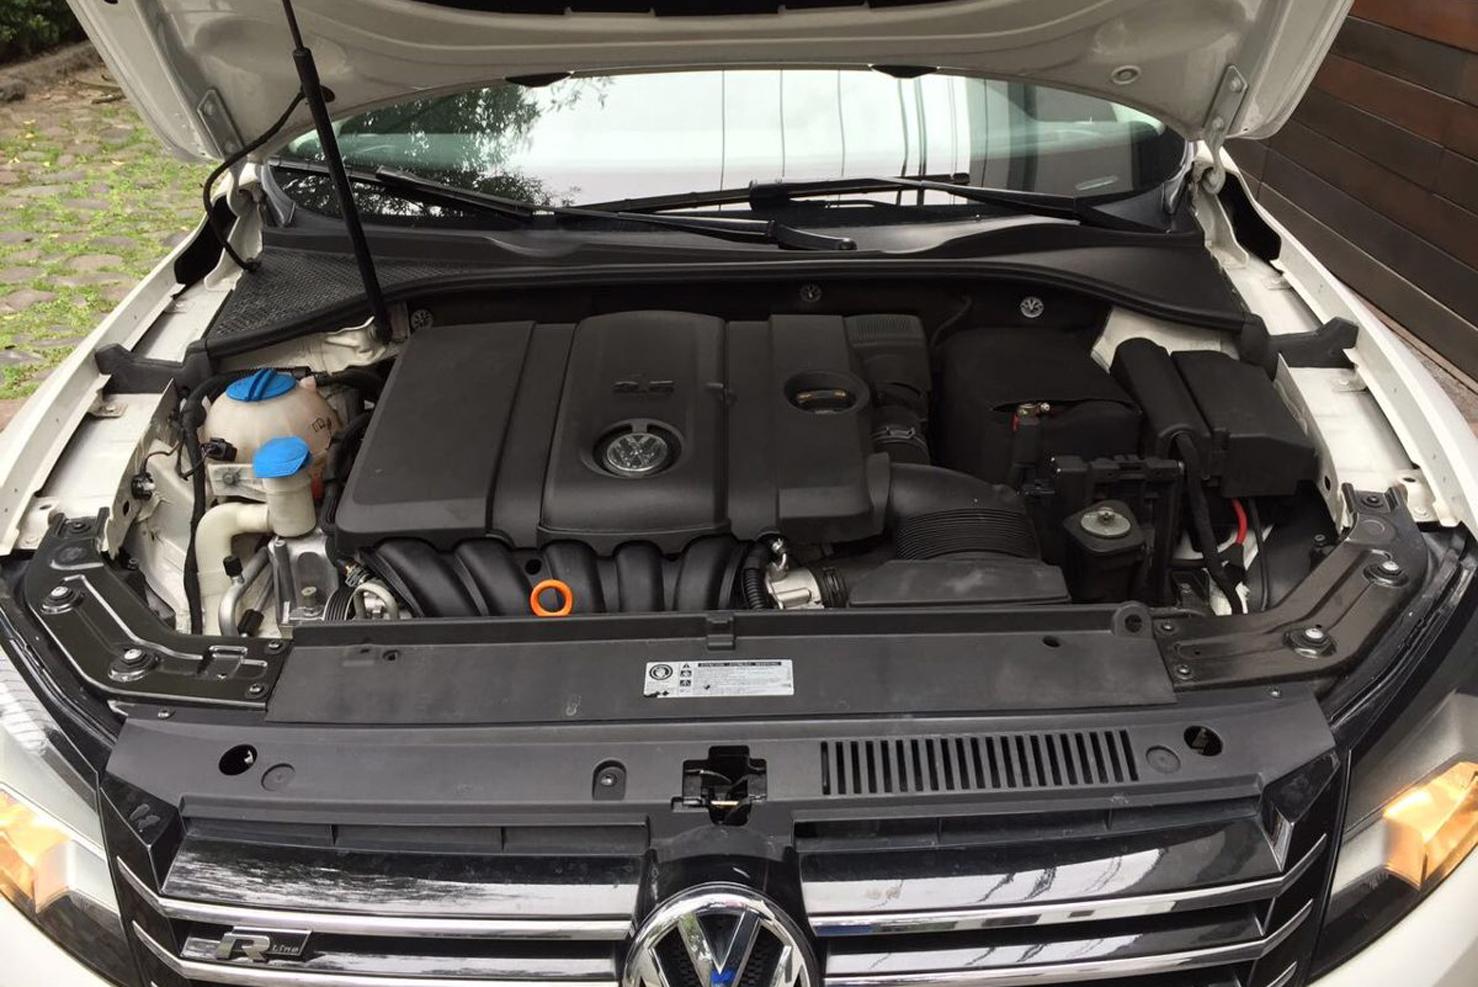 Volkswagen Passat Motor | BBB Rent a Car